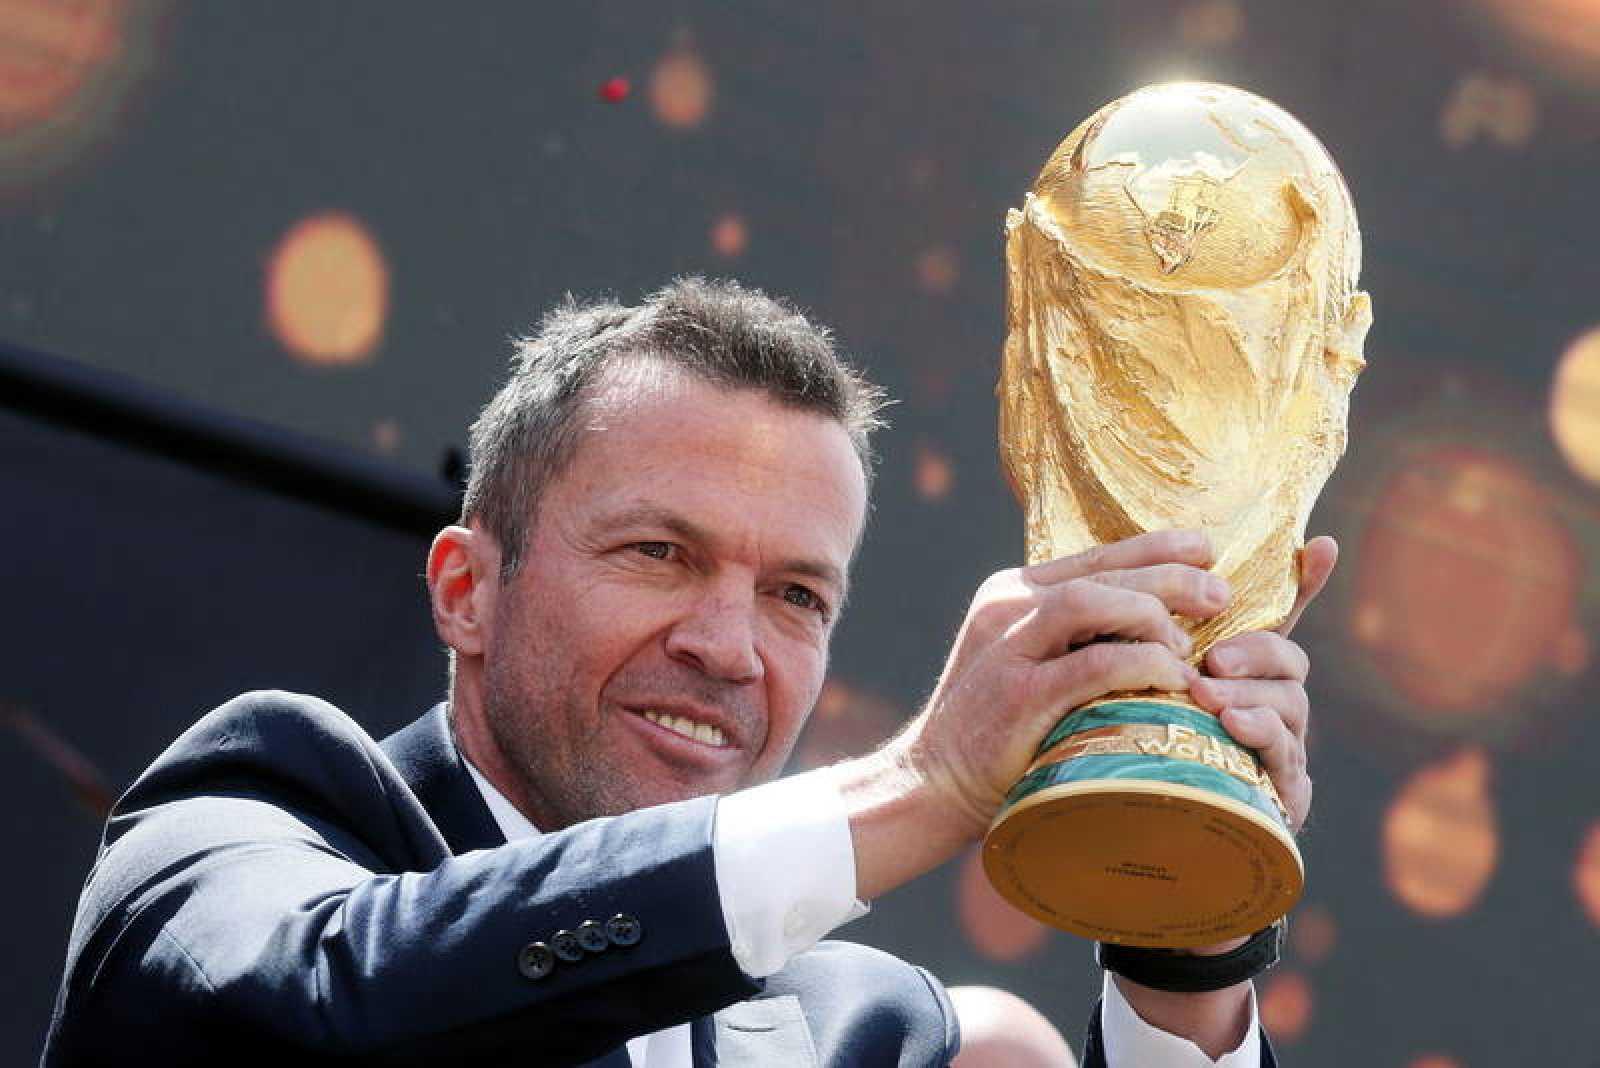 La Copa del Mundo llega a Moscú